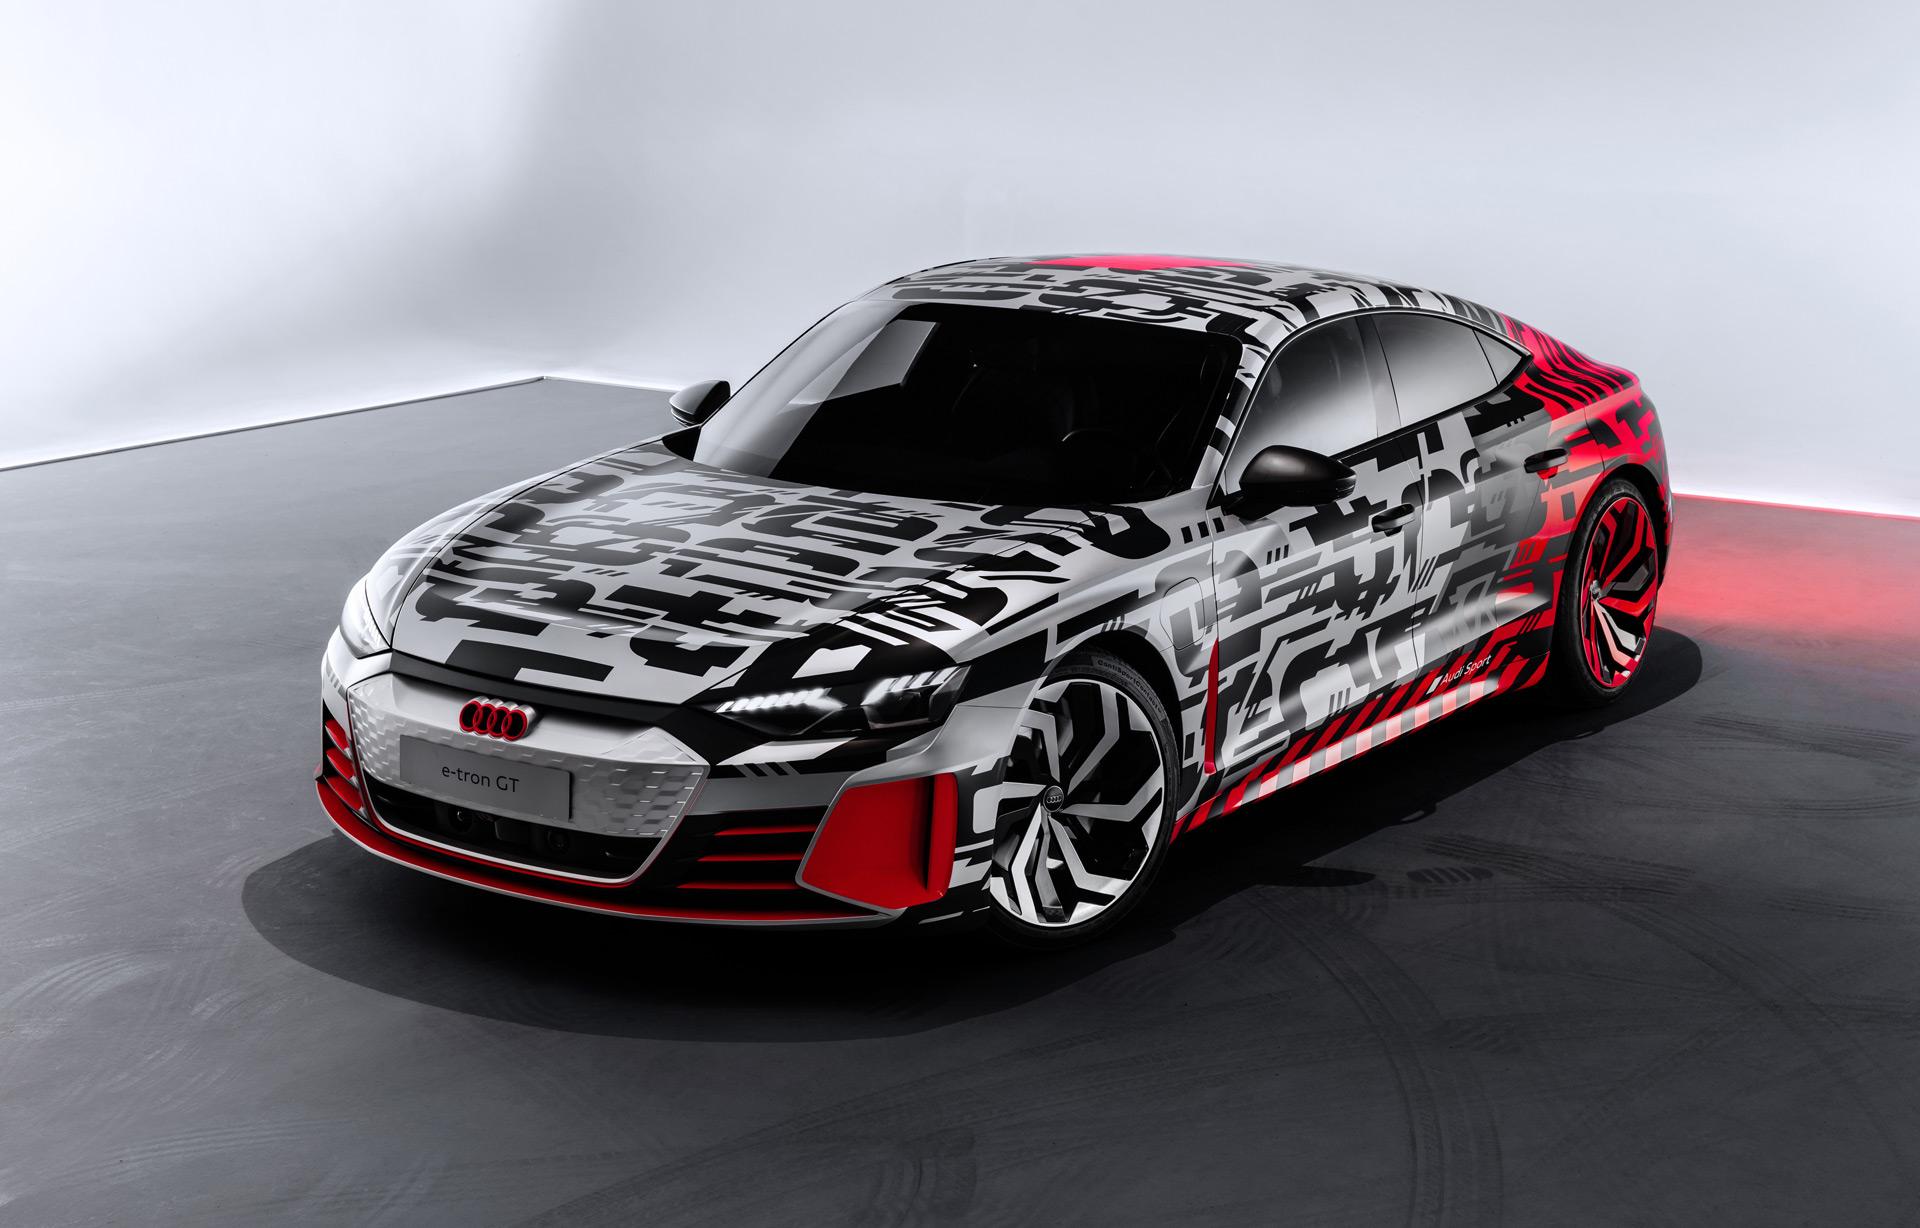 Audi E Tron Gt Concept Set For 2018 La Auto Show